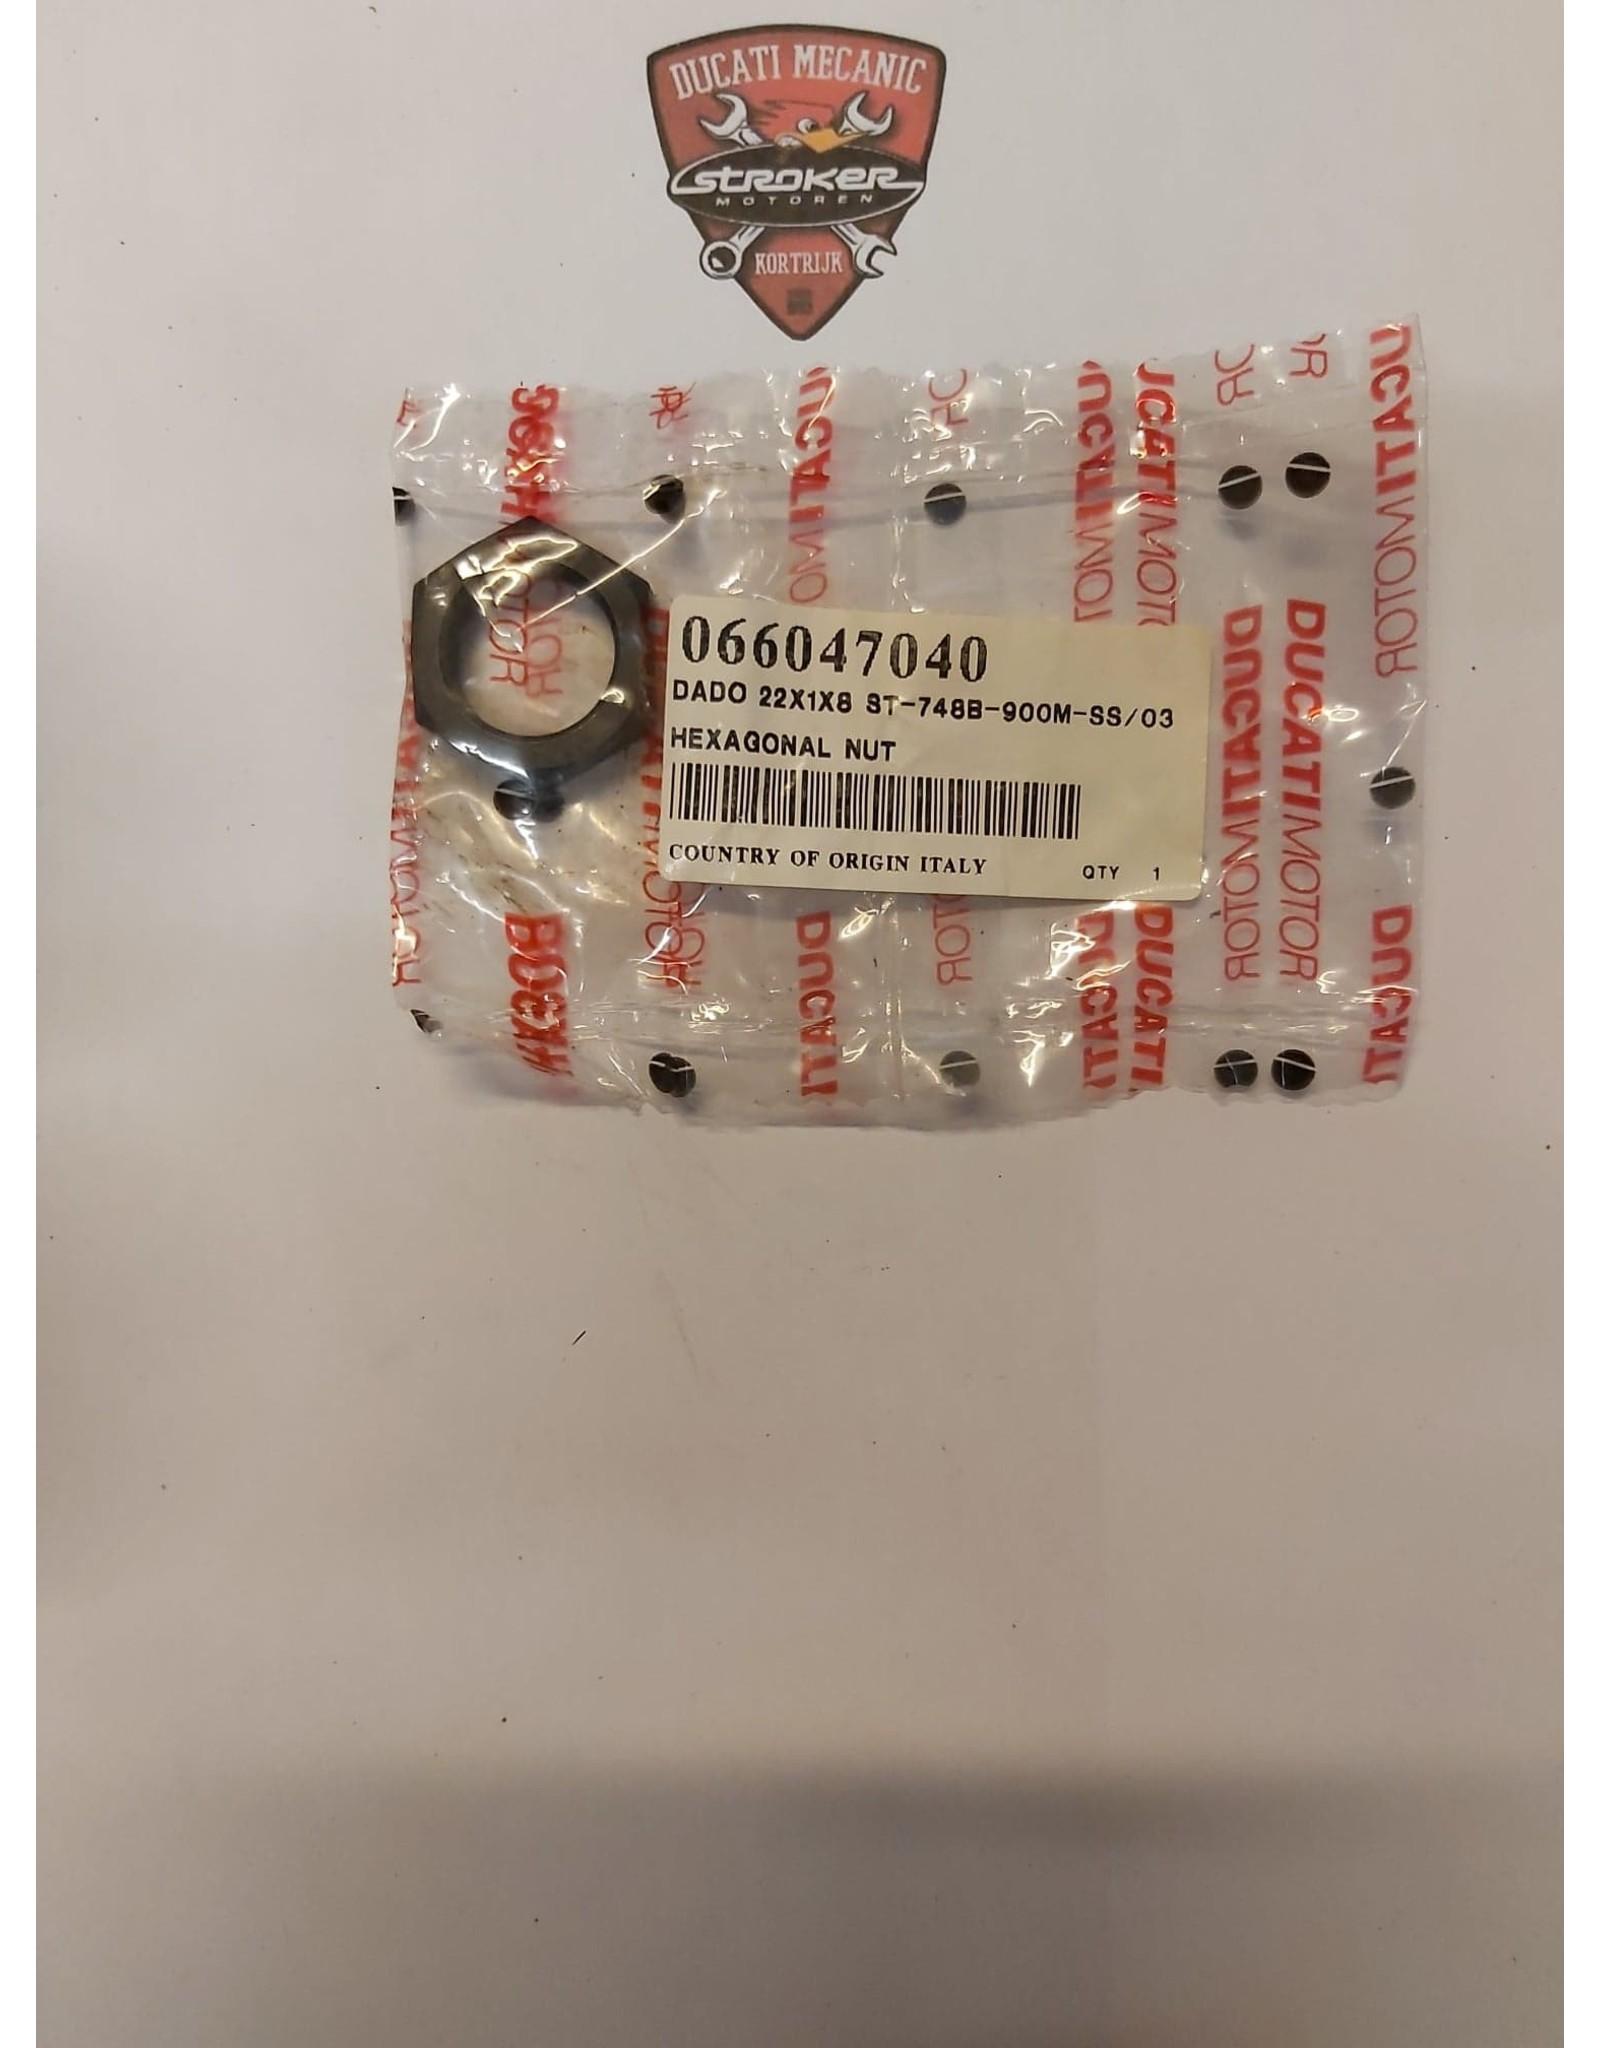 Ducati 066047040